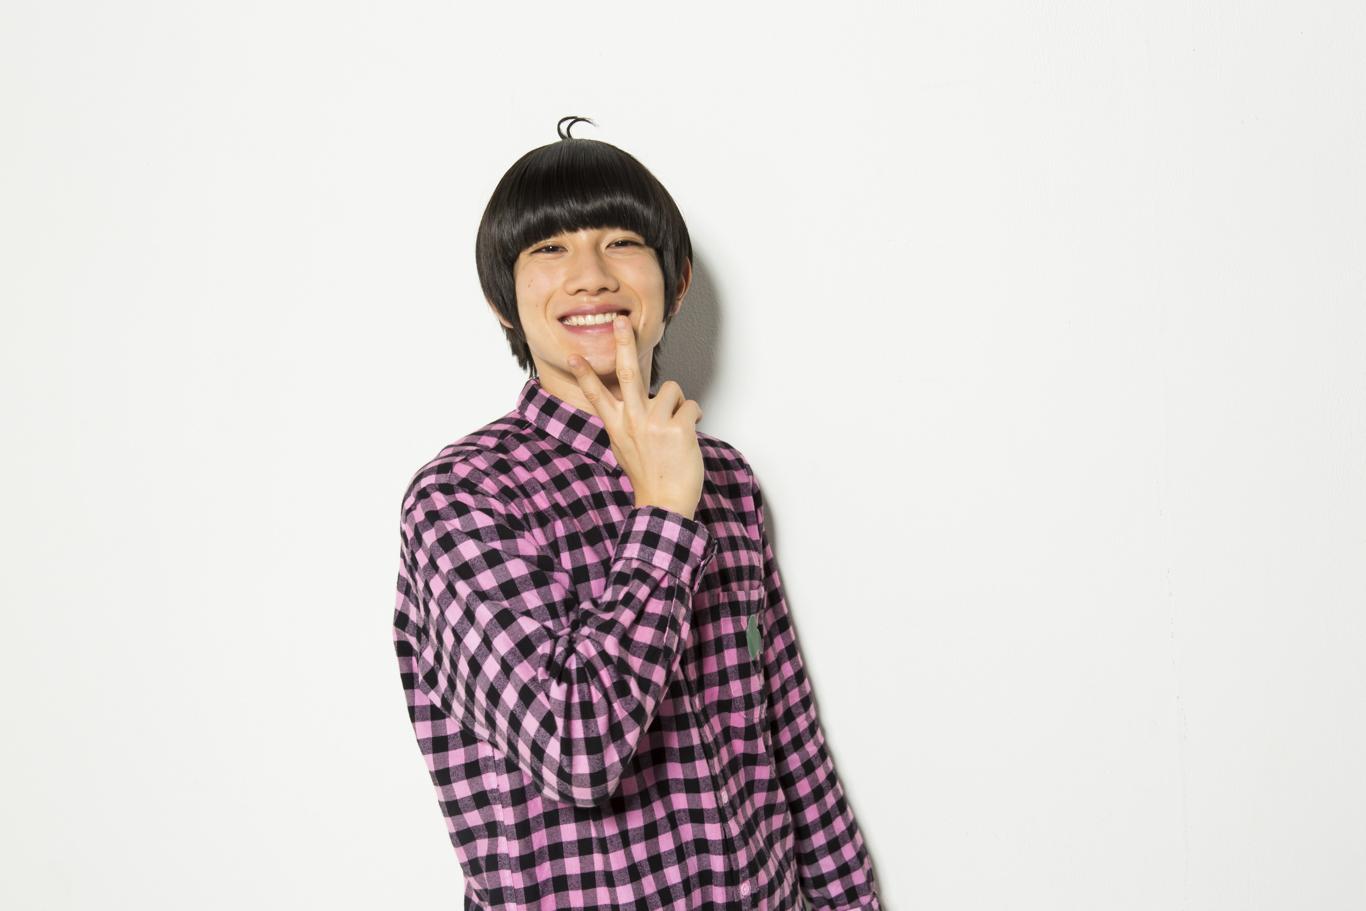 喜劇『おそ松さん』6つ子インタビュー/第6回:赤澤遼太郎(トド松役)「いつか、お兄さんたちに認めてもらえるように」